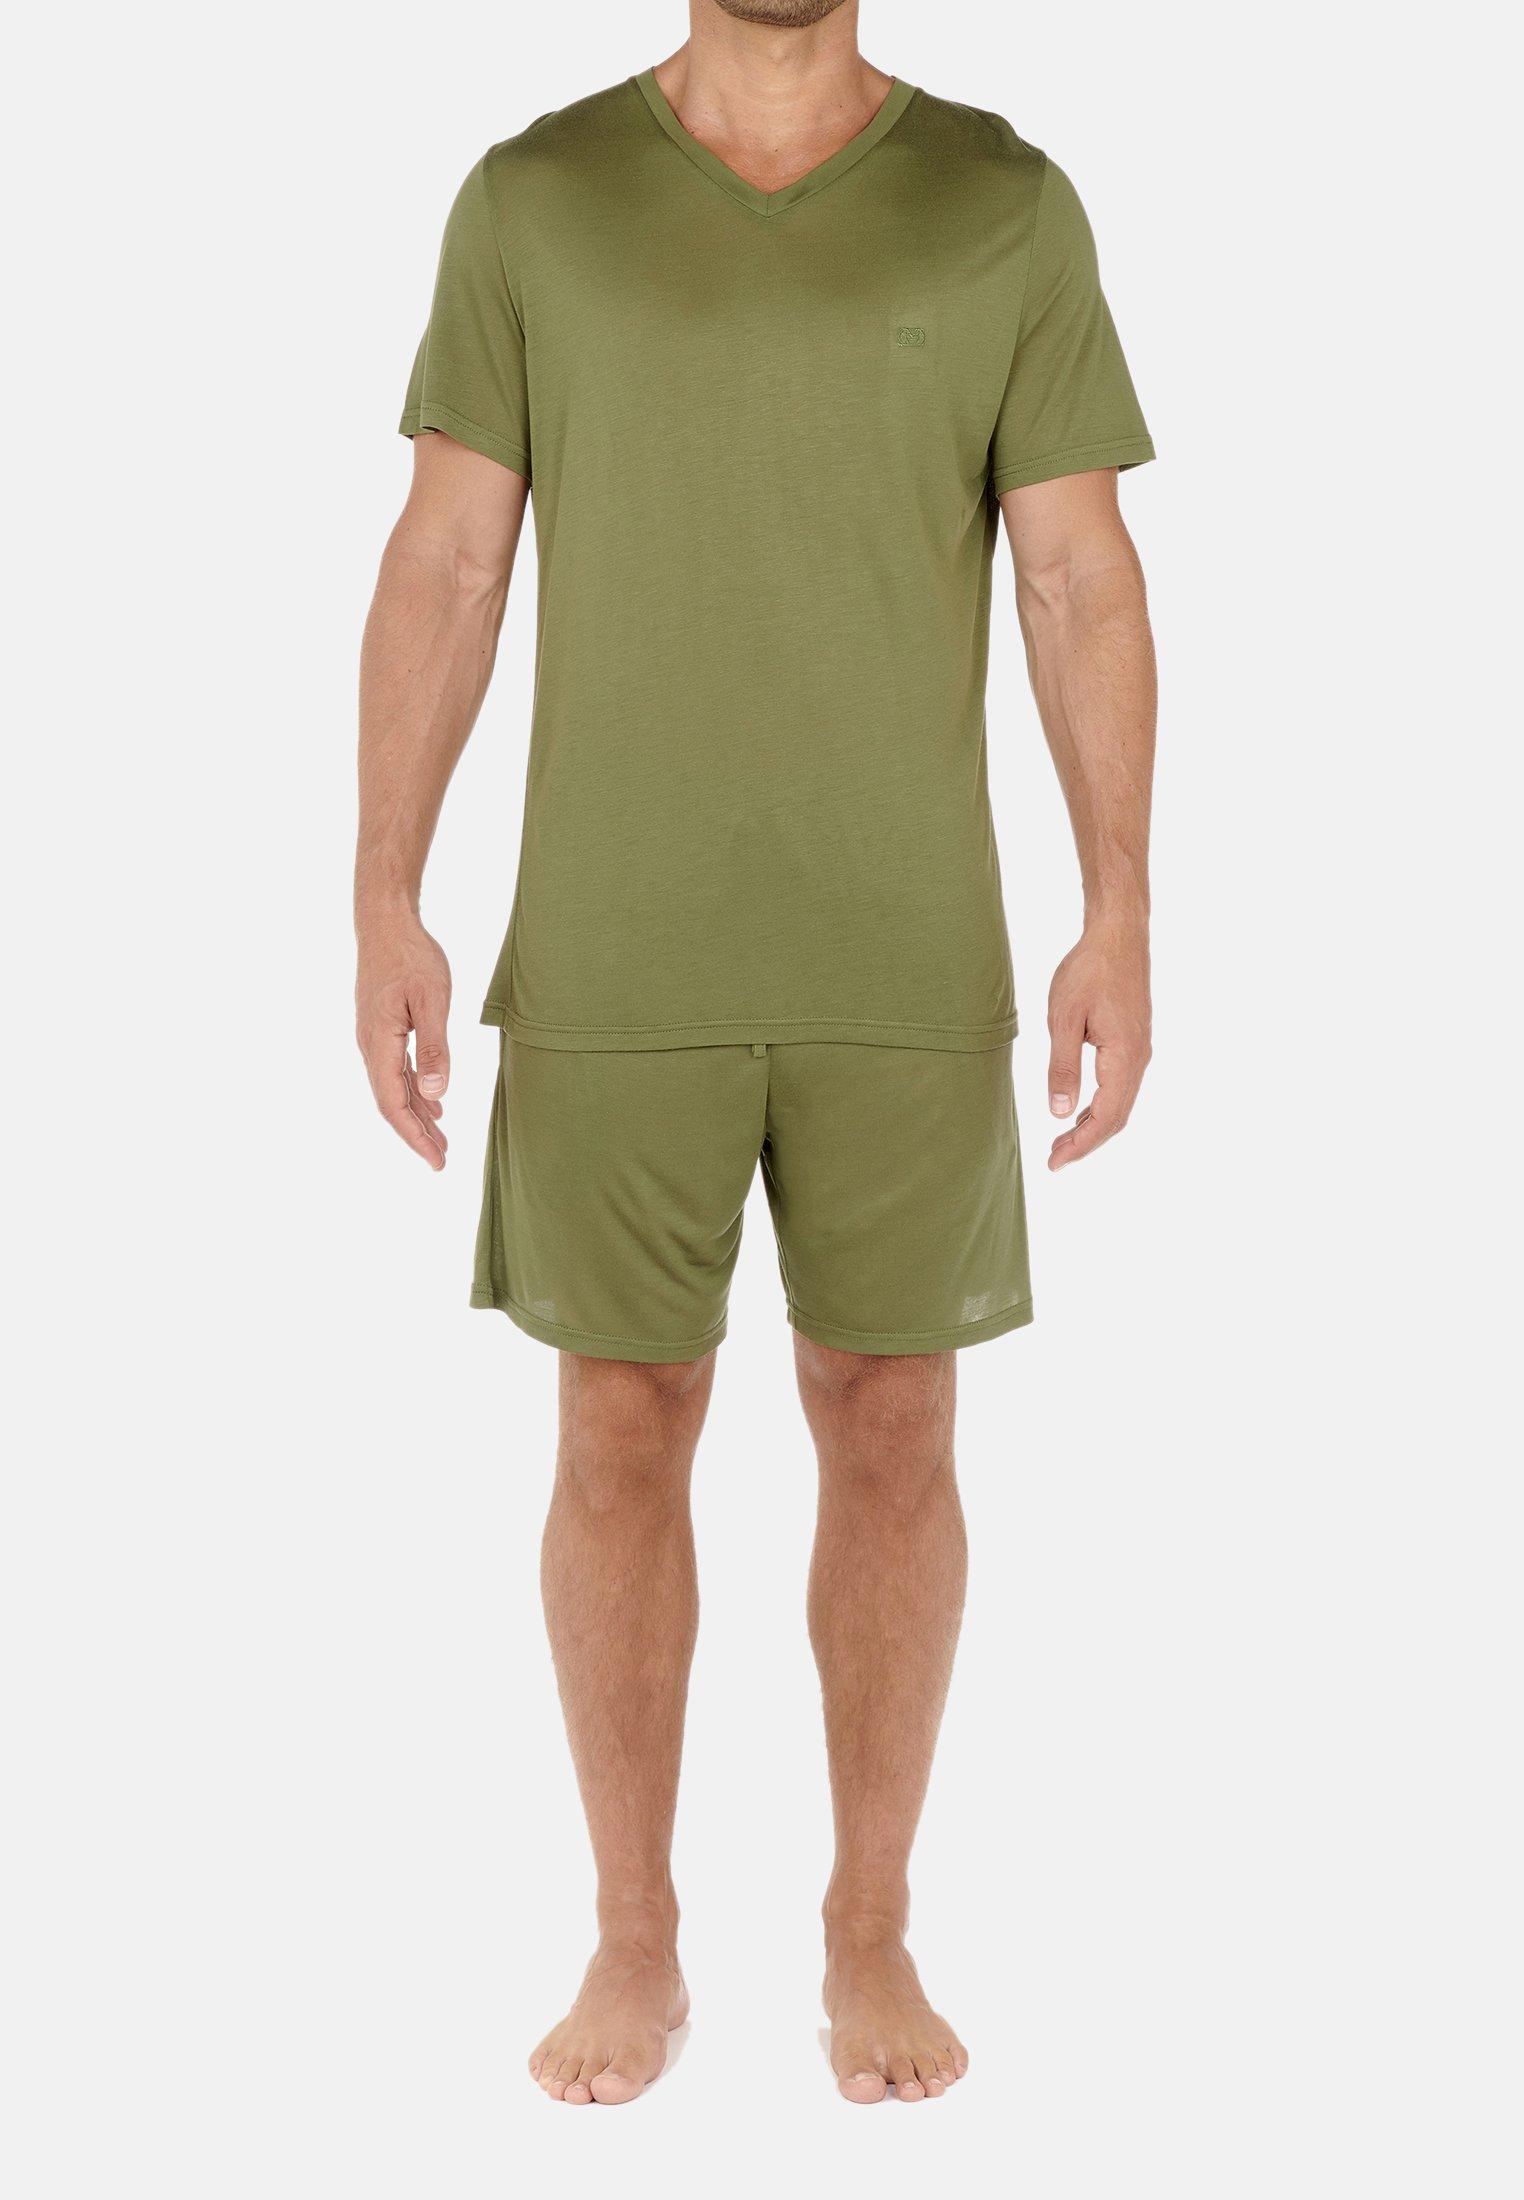 Herren COCOONING - Nachtwäsche Shirt